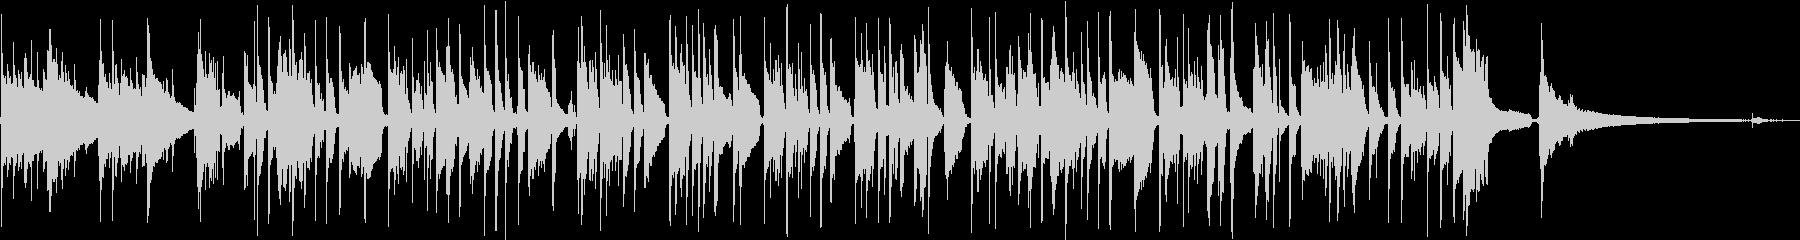 ドボルザークの名曲をソロギターアレンジの未再生の波形